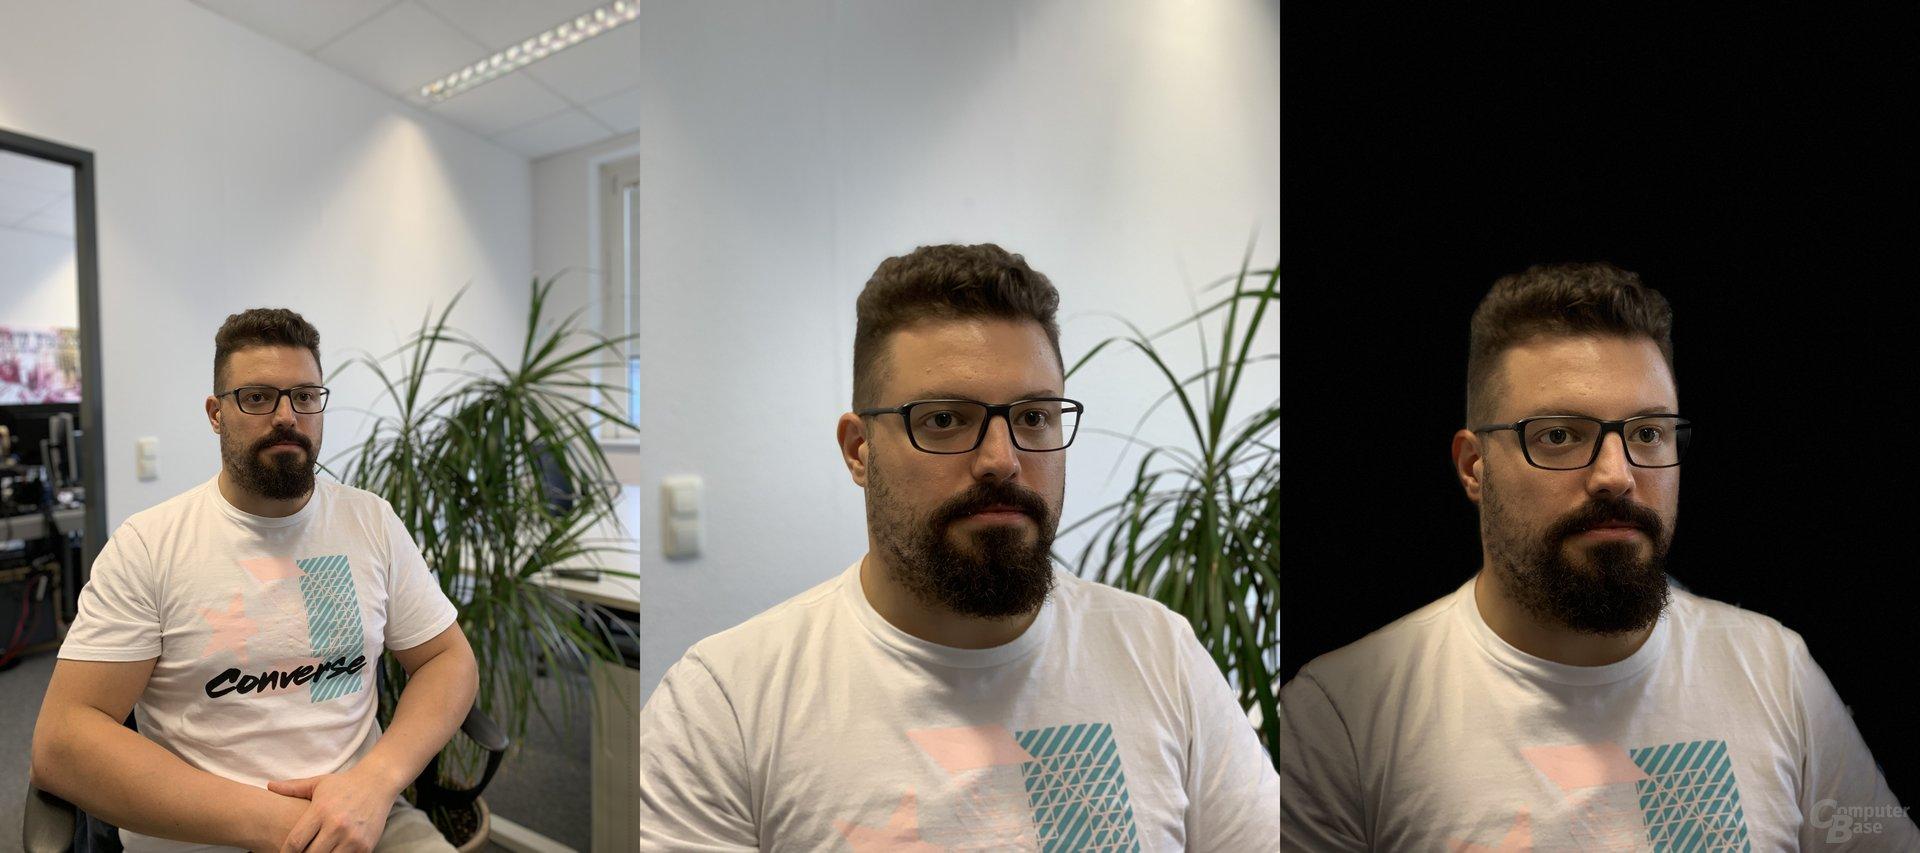 Porträtmdodus iPhone Xr (l.) und iPhone Xs (m.) sowie Bühnenlicht Mono (r.)